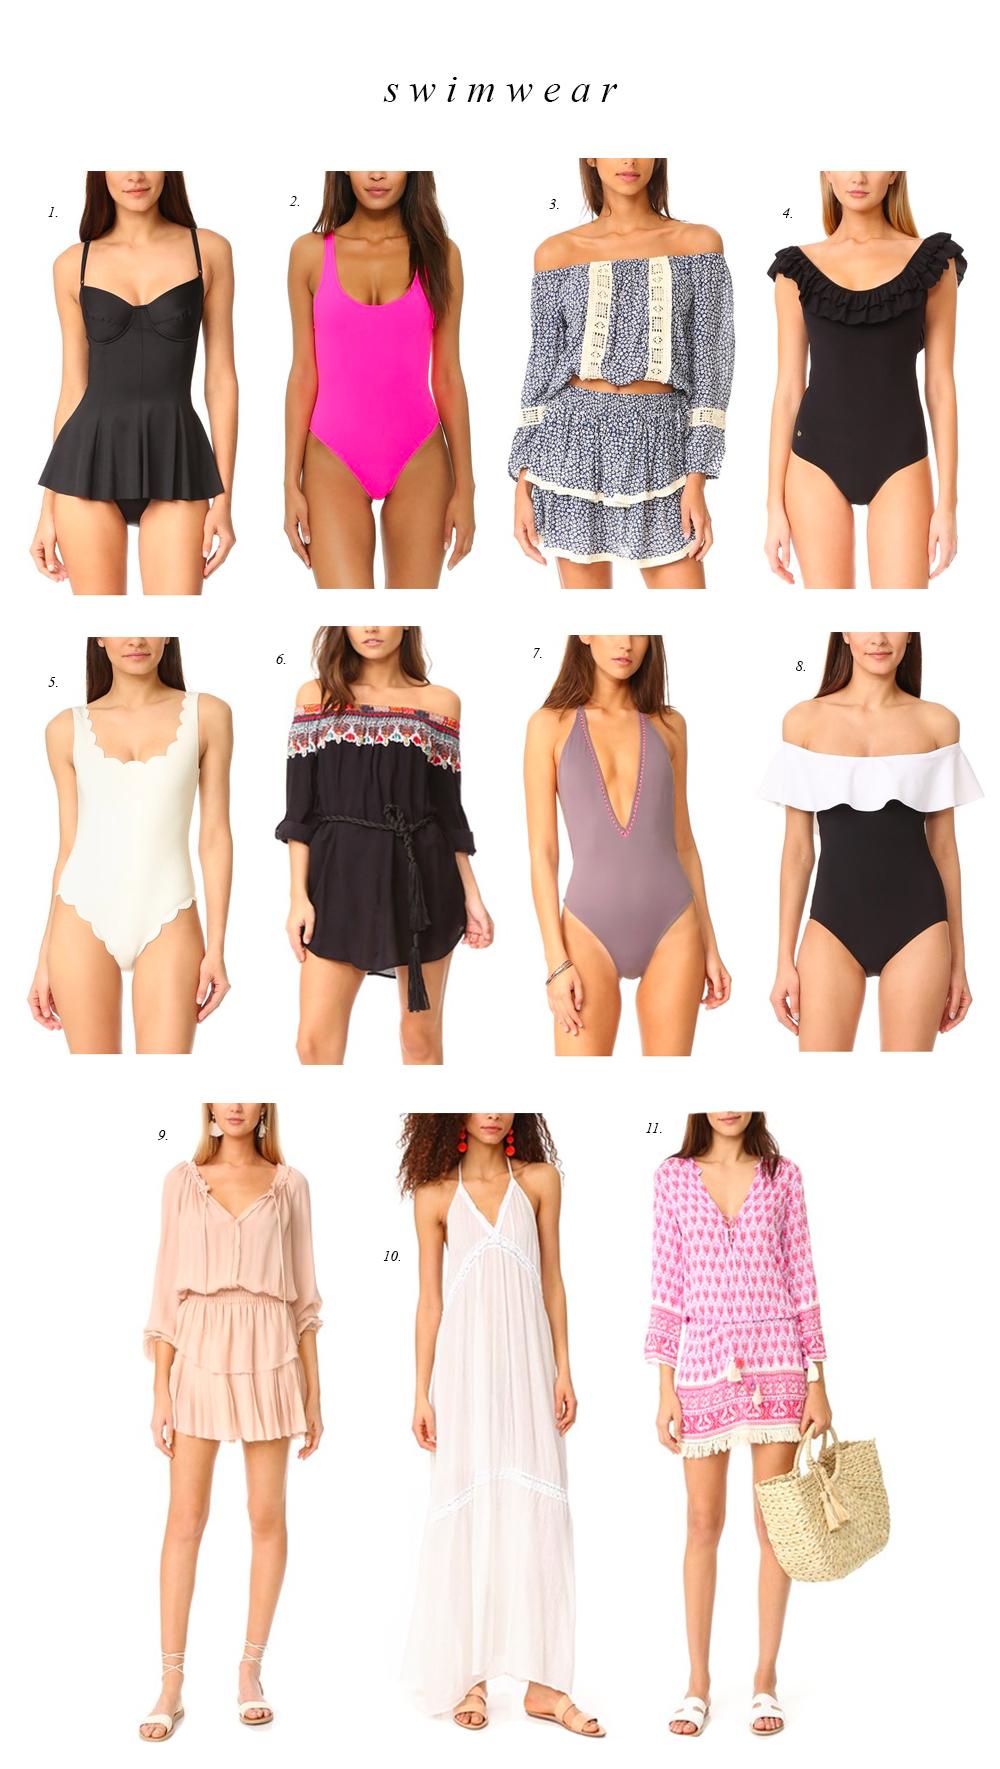 swimwear-shopbop